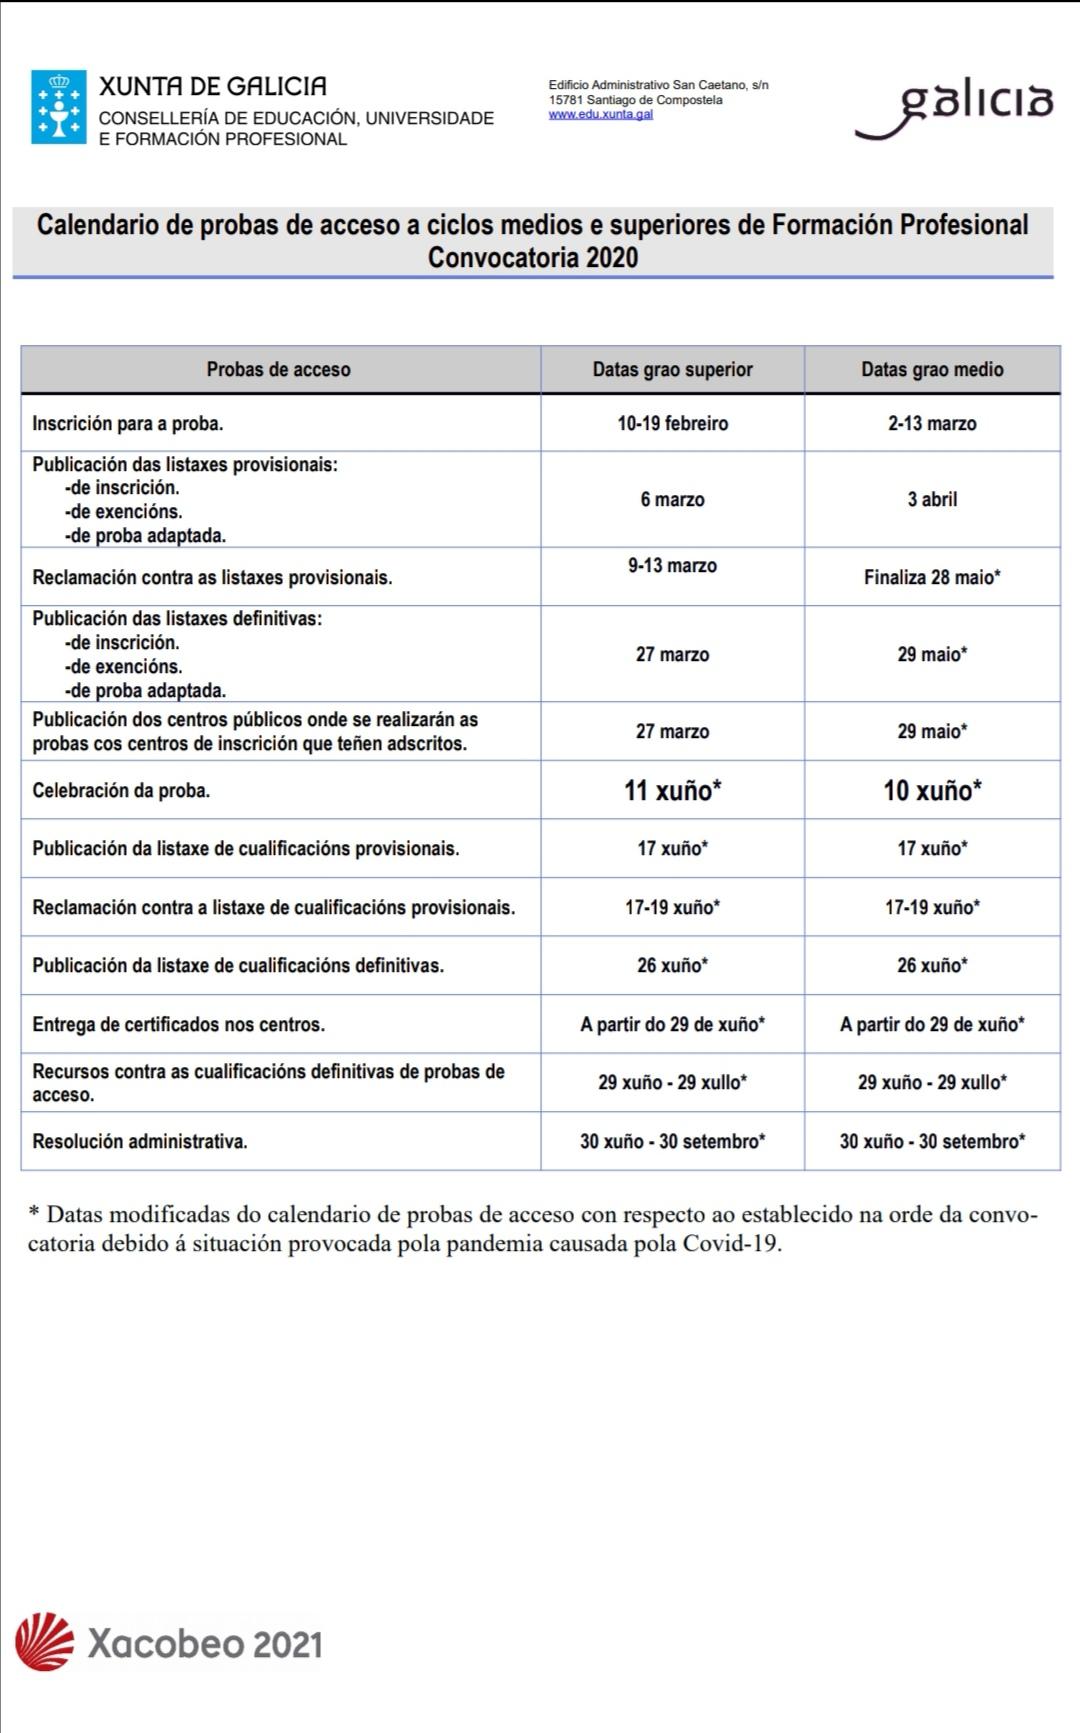 ORIENTACIÓN: DATAS PROBAS ACCESO CICLOS MEDIOS E SUPERIOR